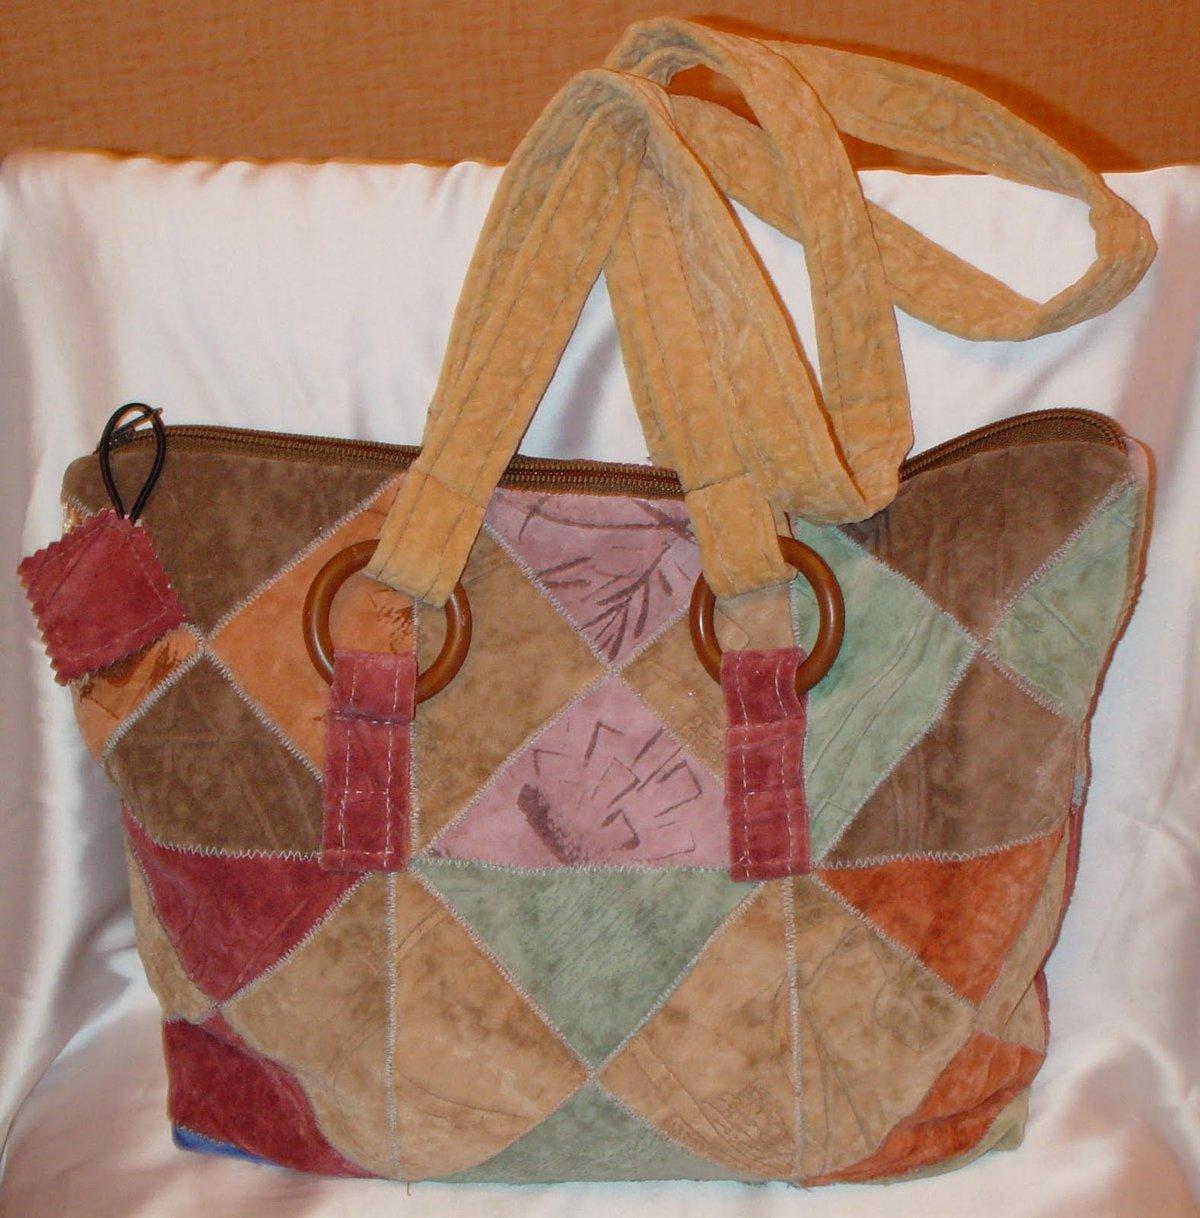 Аксессуары своими руками сумки из